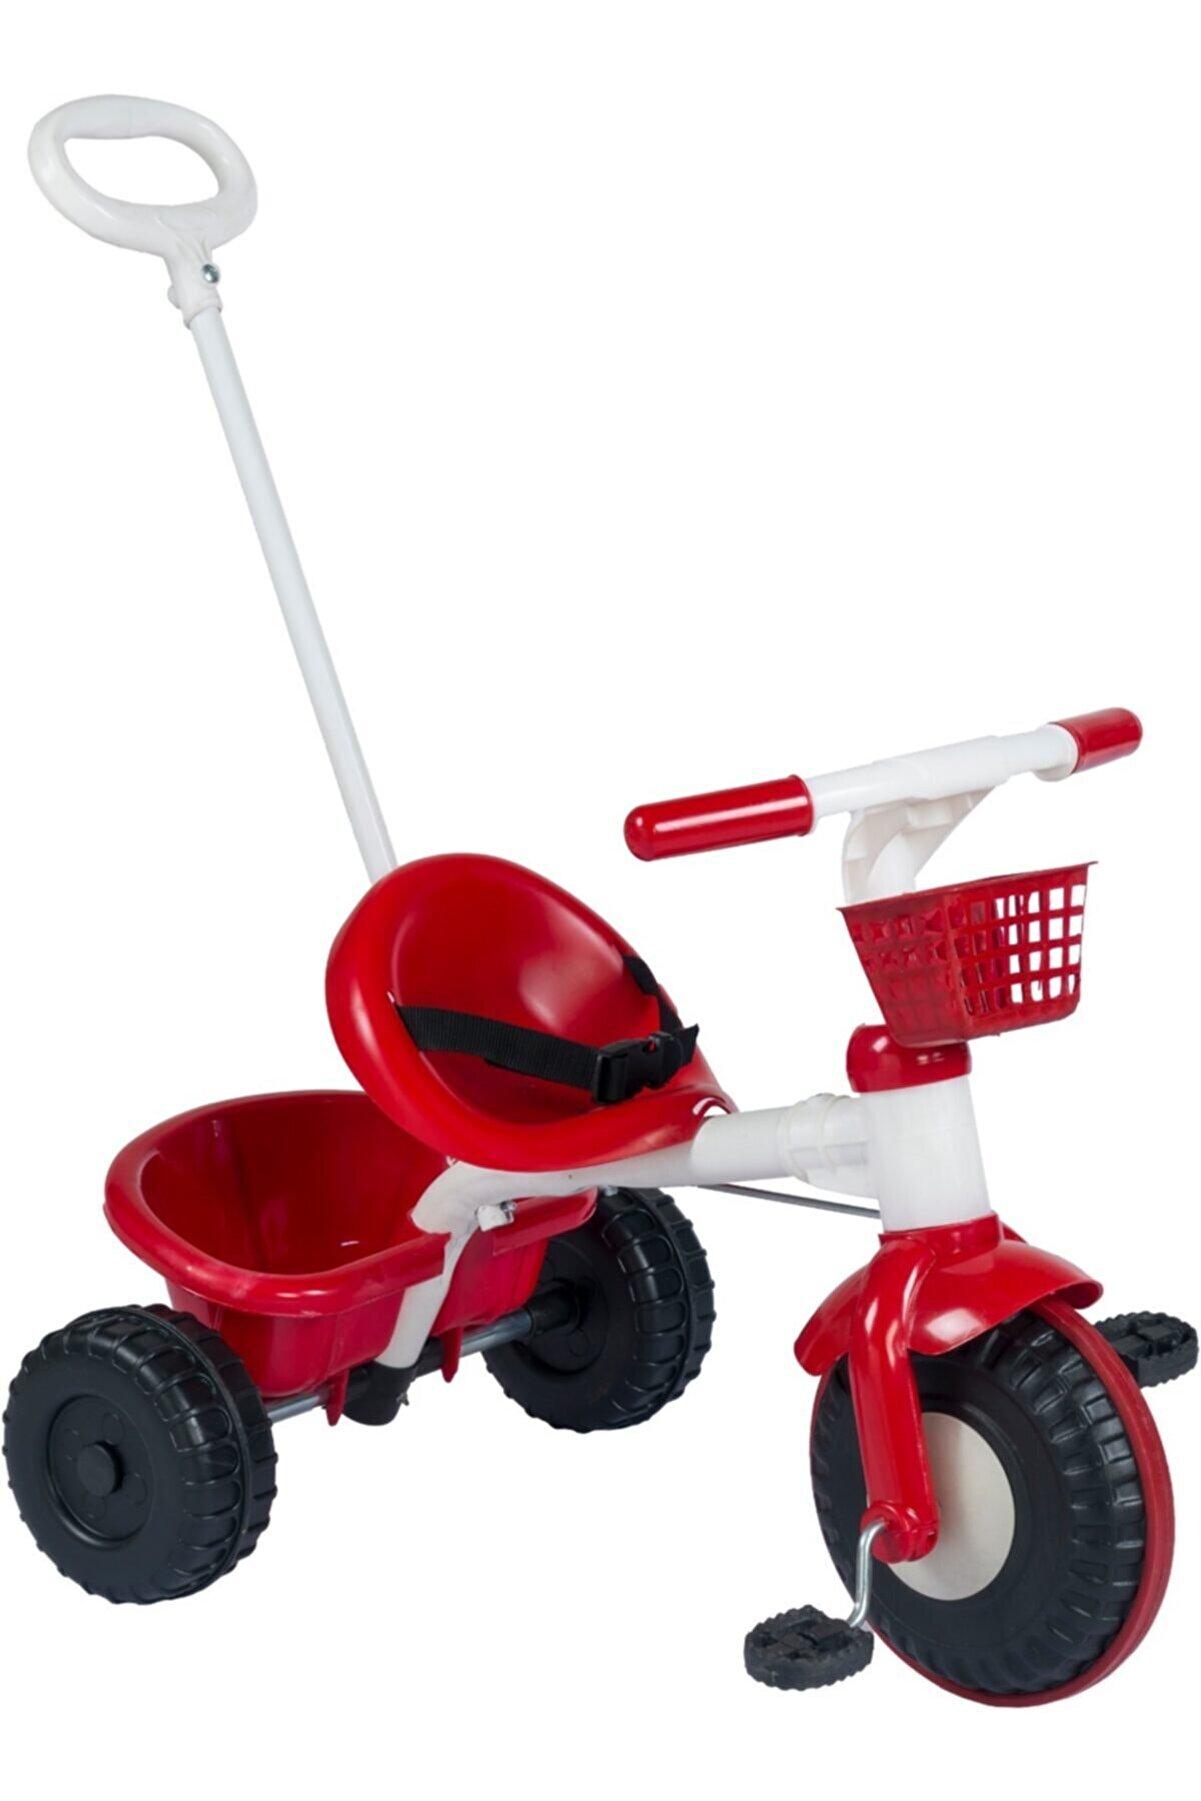 MURAT PLASTİK Unisex Çocuk Kırmızı Ebeveyn Kontrollü 3 Tekerlekli  Bisikleti